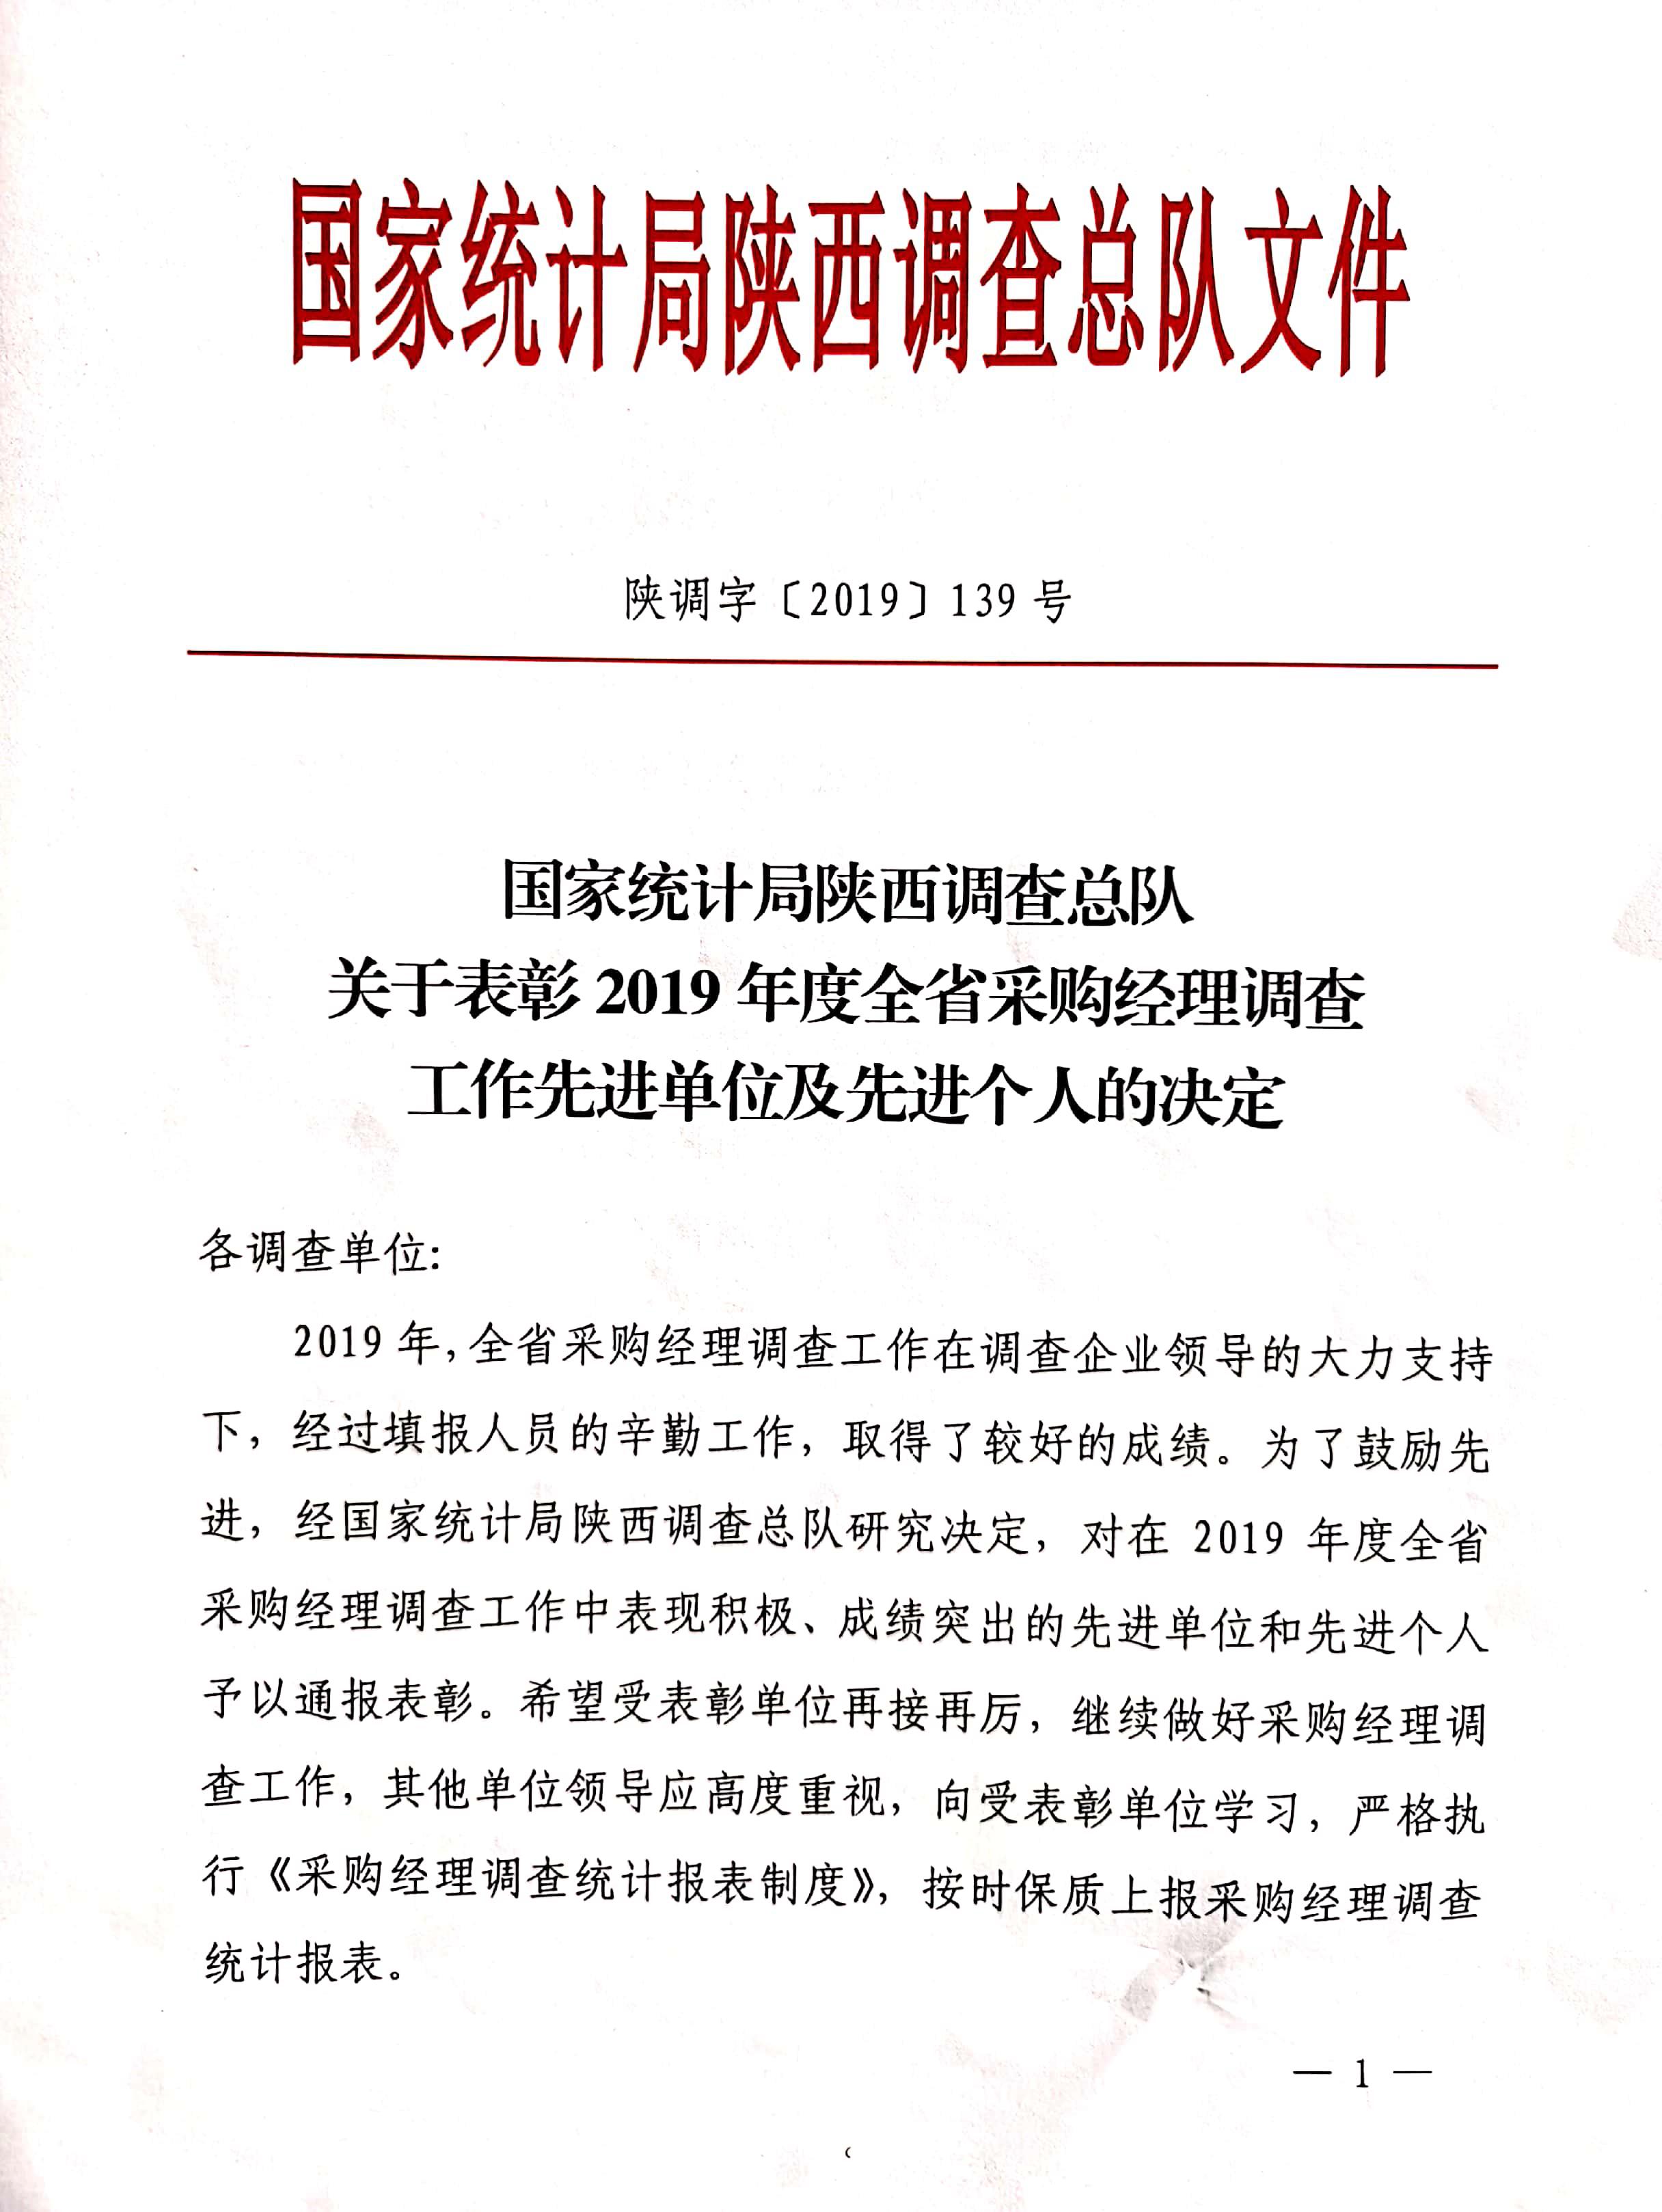 【星耀钢城】余勇同志荣获陕西省采购经理调查工作先进个人